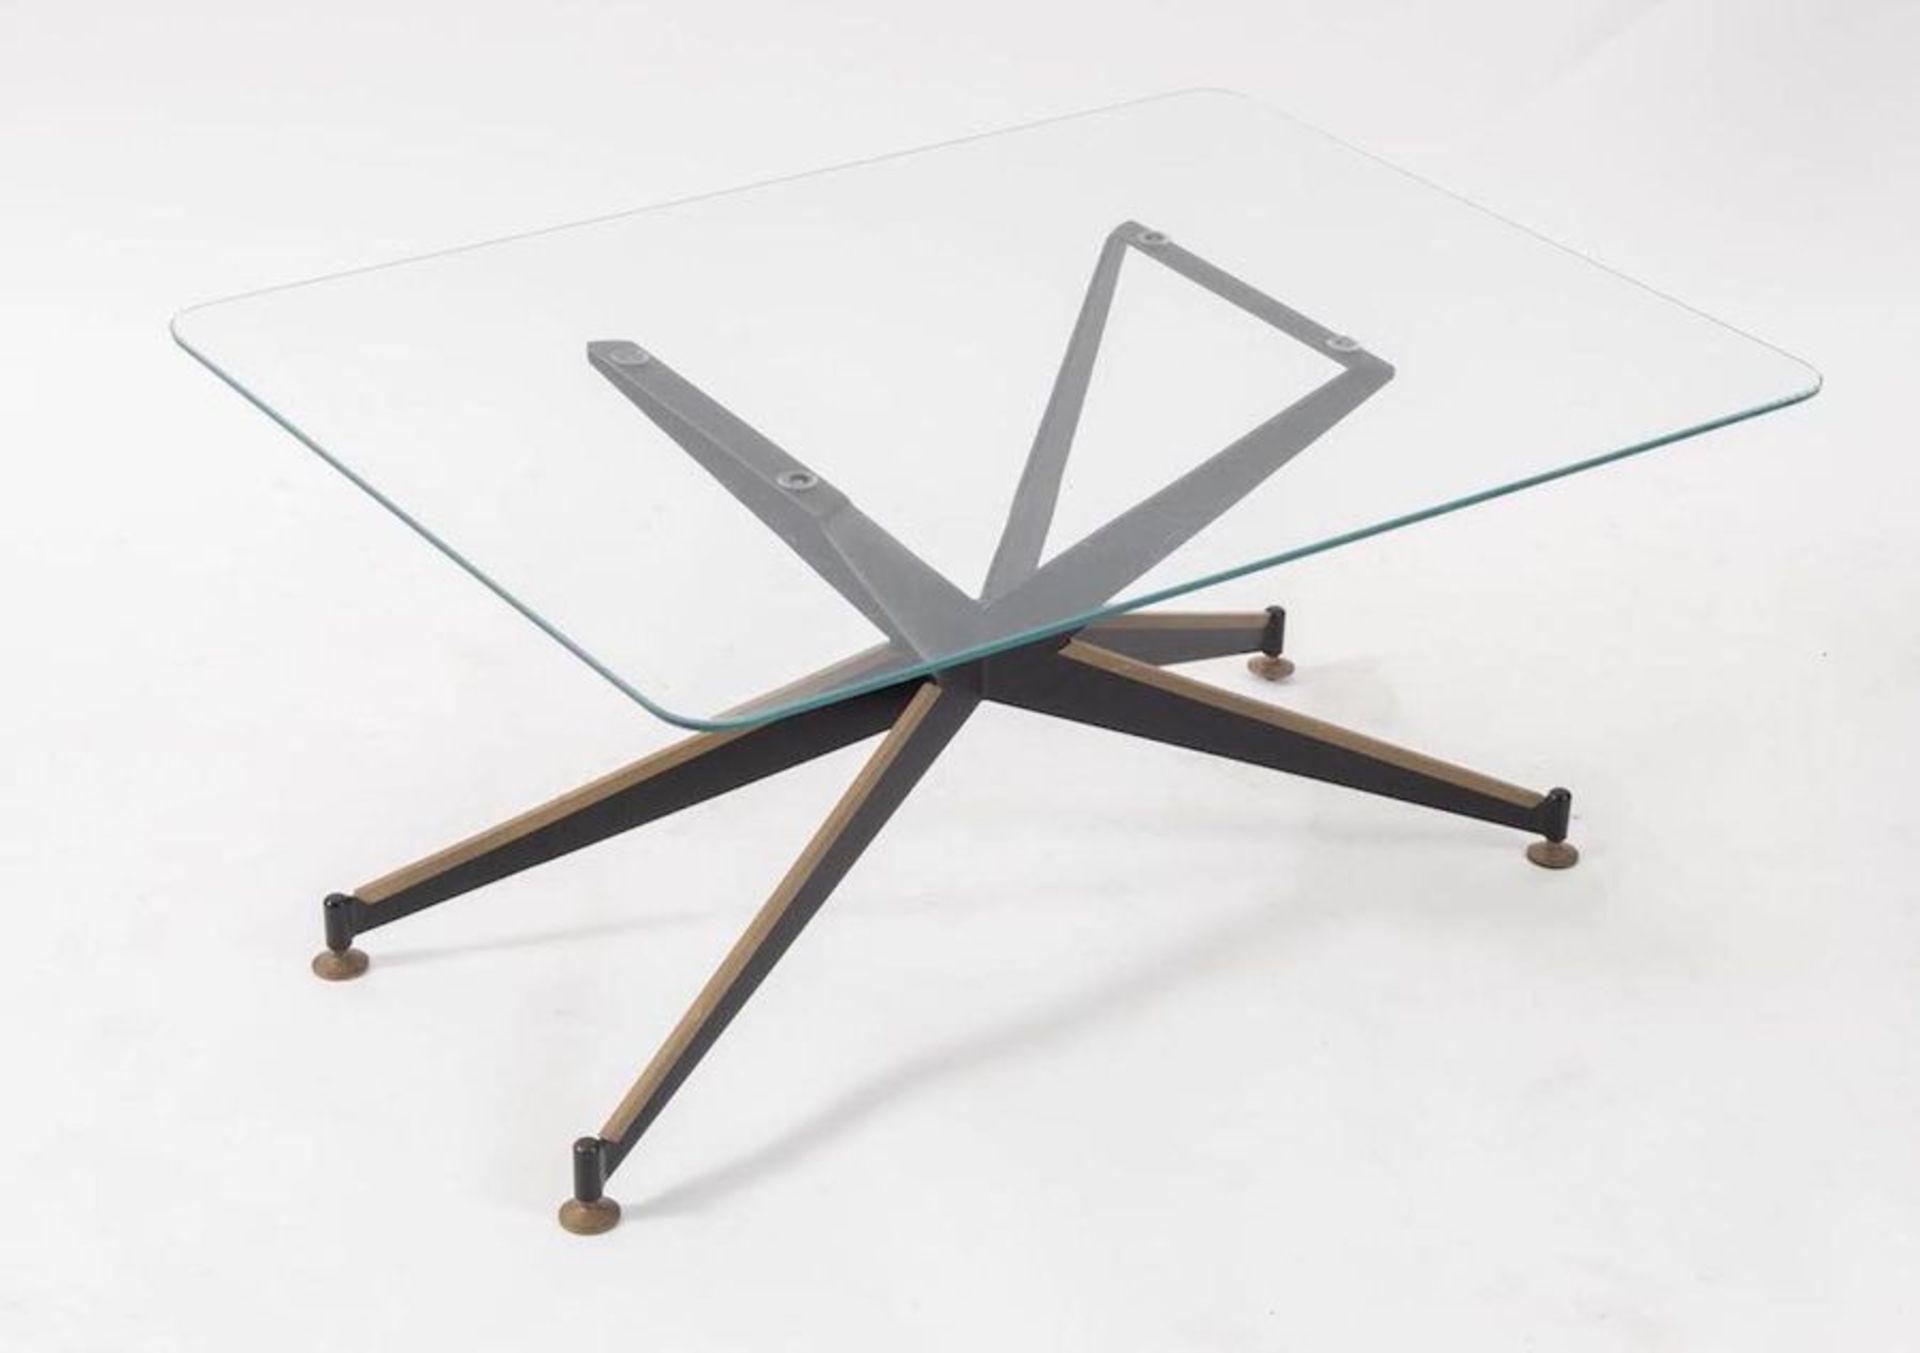 Tavolo da caffè in metallo e ottone con piano in vetro. Prod. Italia, 1960 ca. Cm 39,5x80x59,5. - Bild 3 aus 3